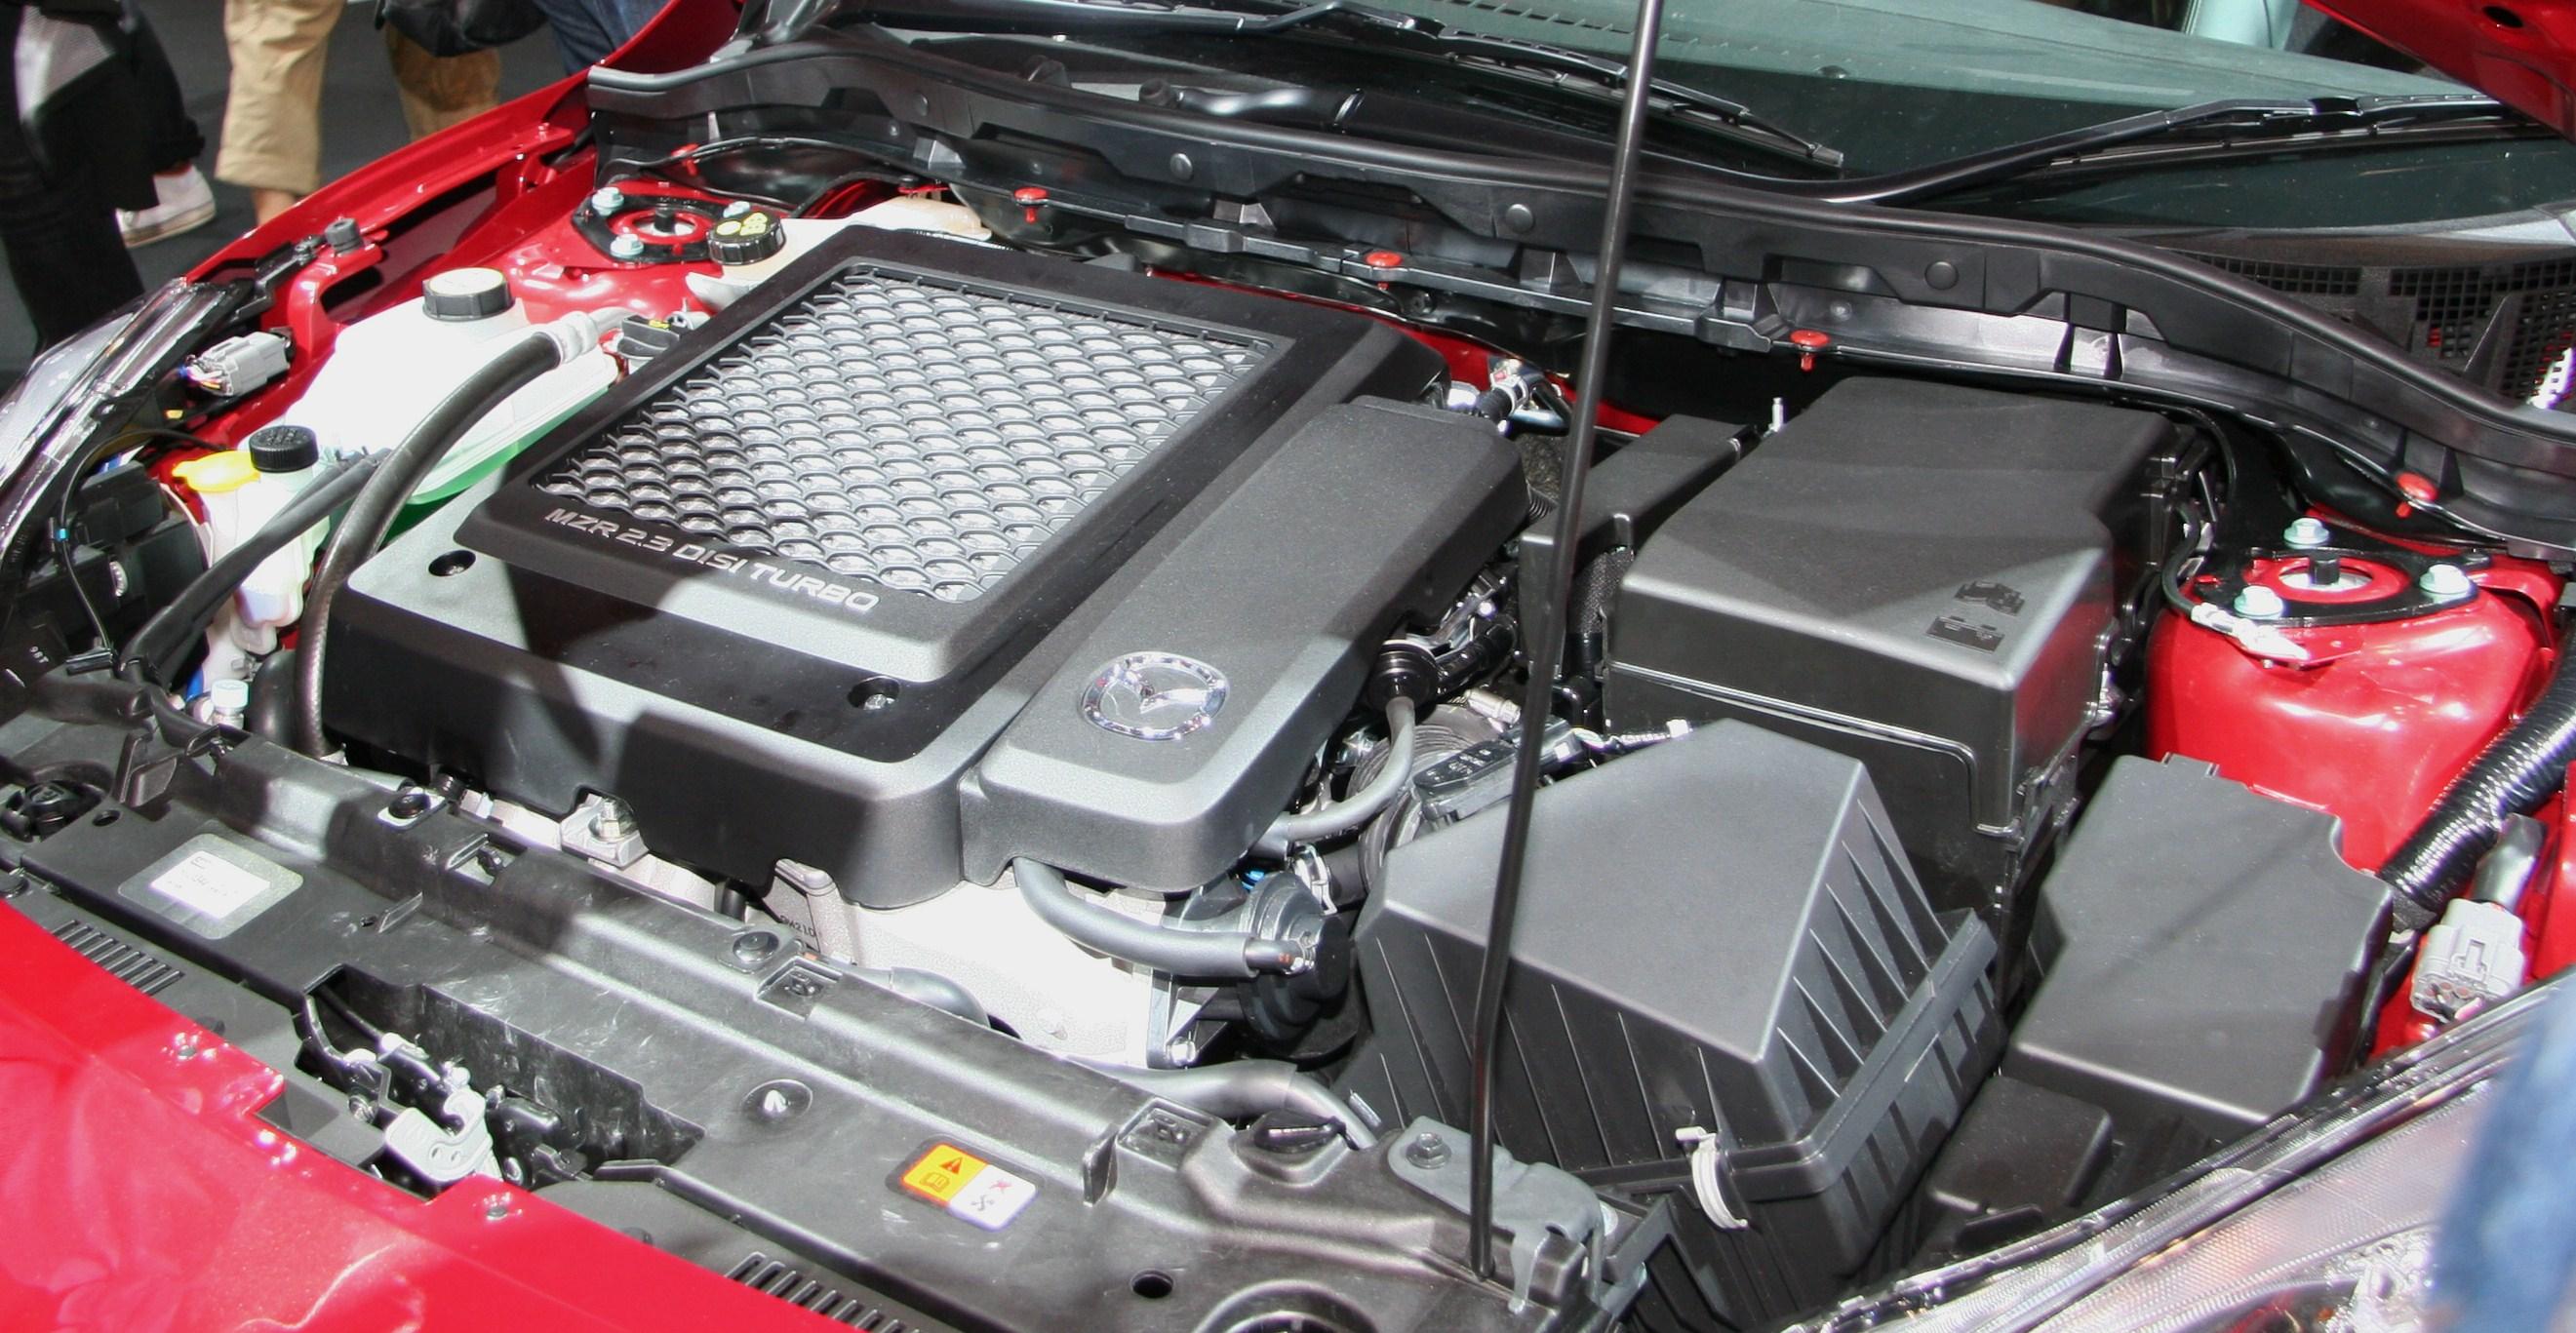 Auto motor und sport testwertungen - Image Search L3